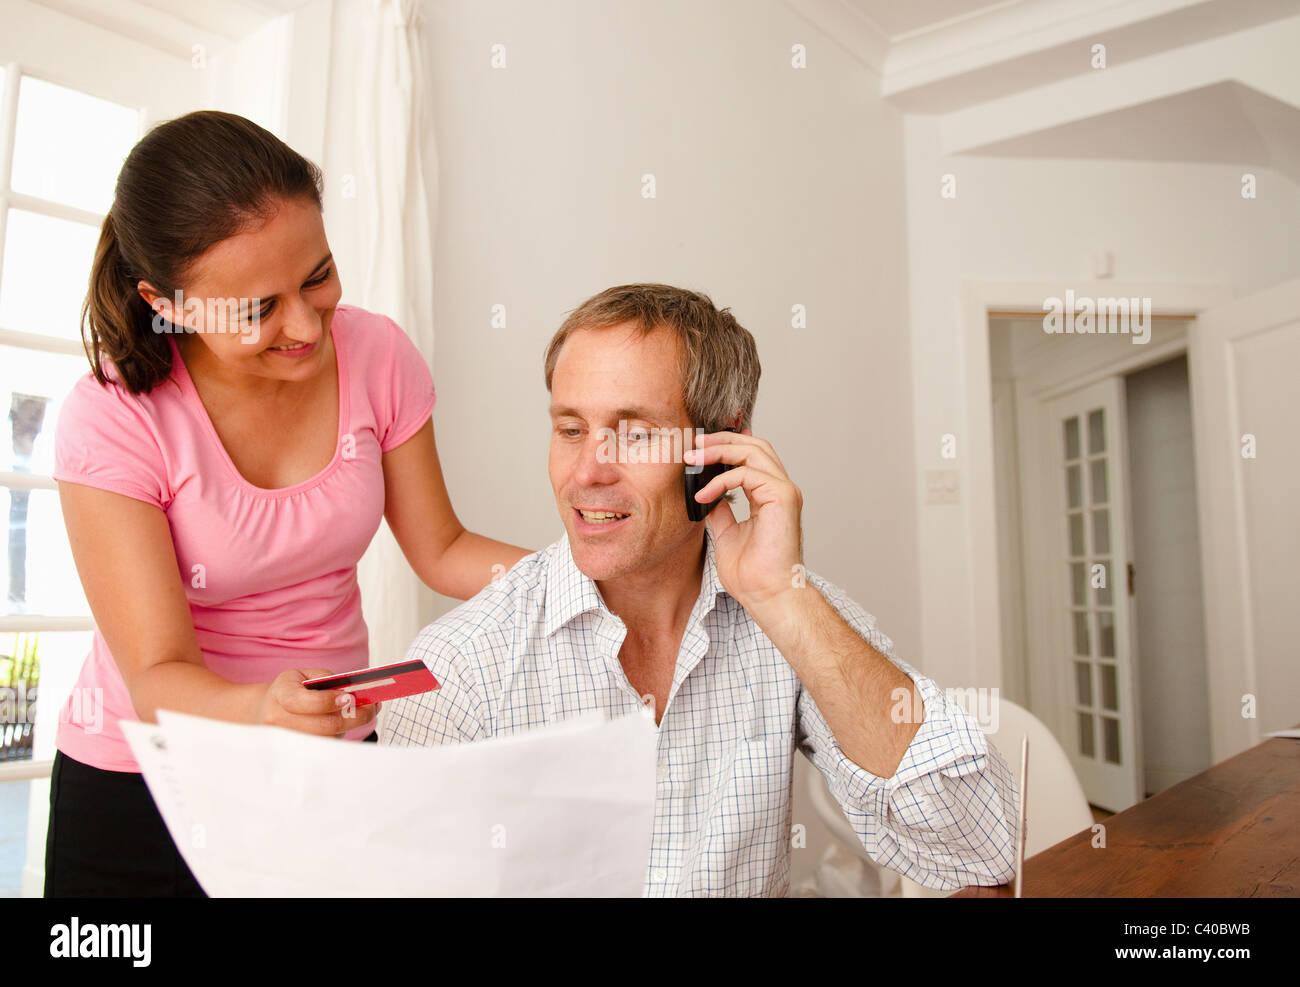 paar bezahlen rechnung mit kreditkarte stockfoto bild 36888695 alamy. Black Bedroom Furniture Sets. Home Design Ideas